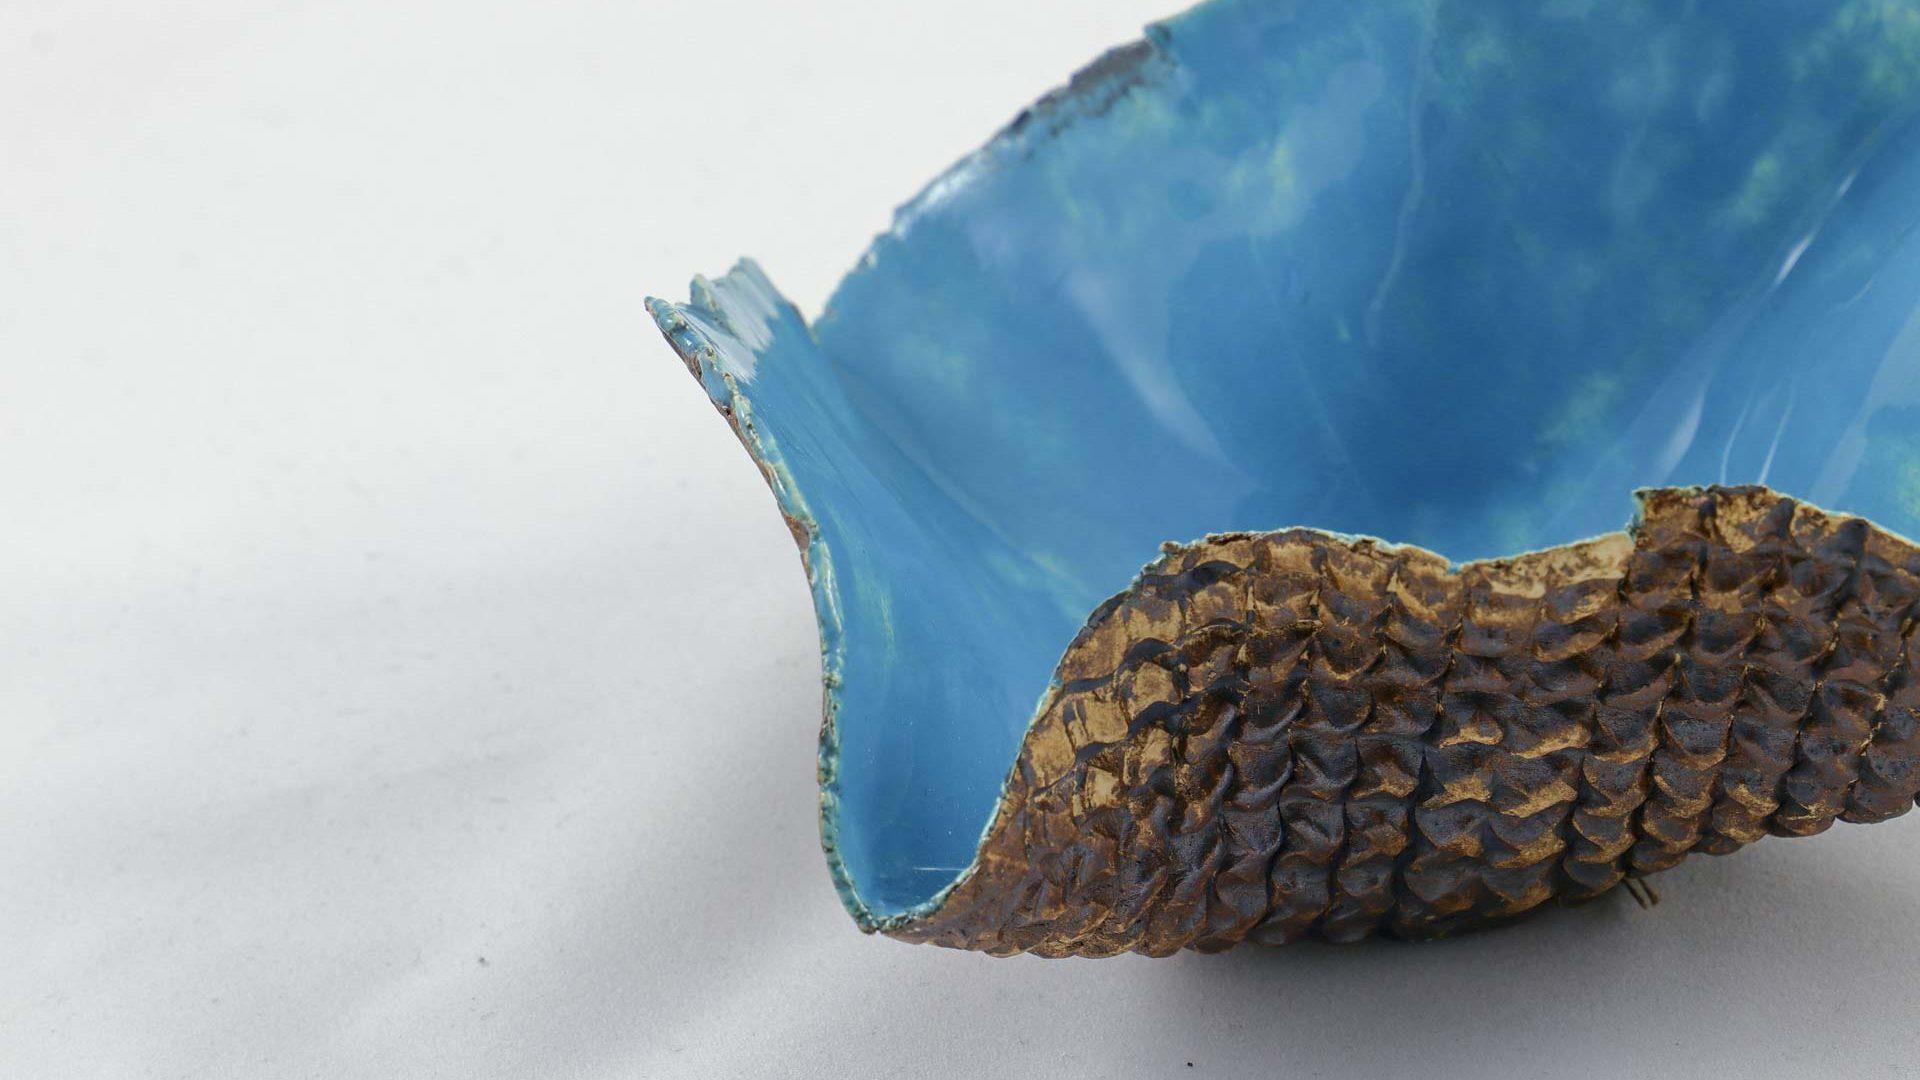 Petra Zobl Keramik - Schale aqua aussen Muster manganspinell 3